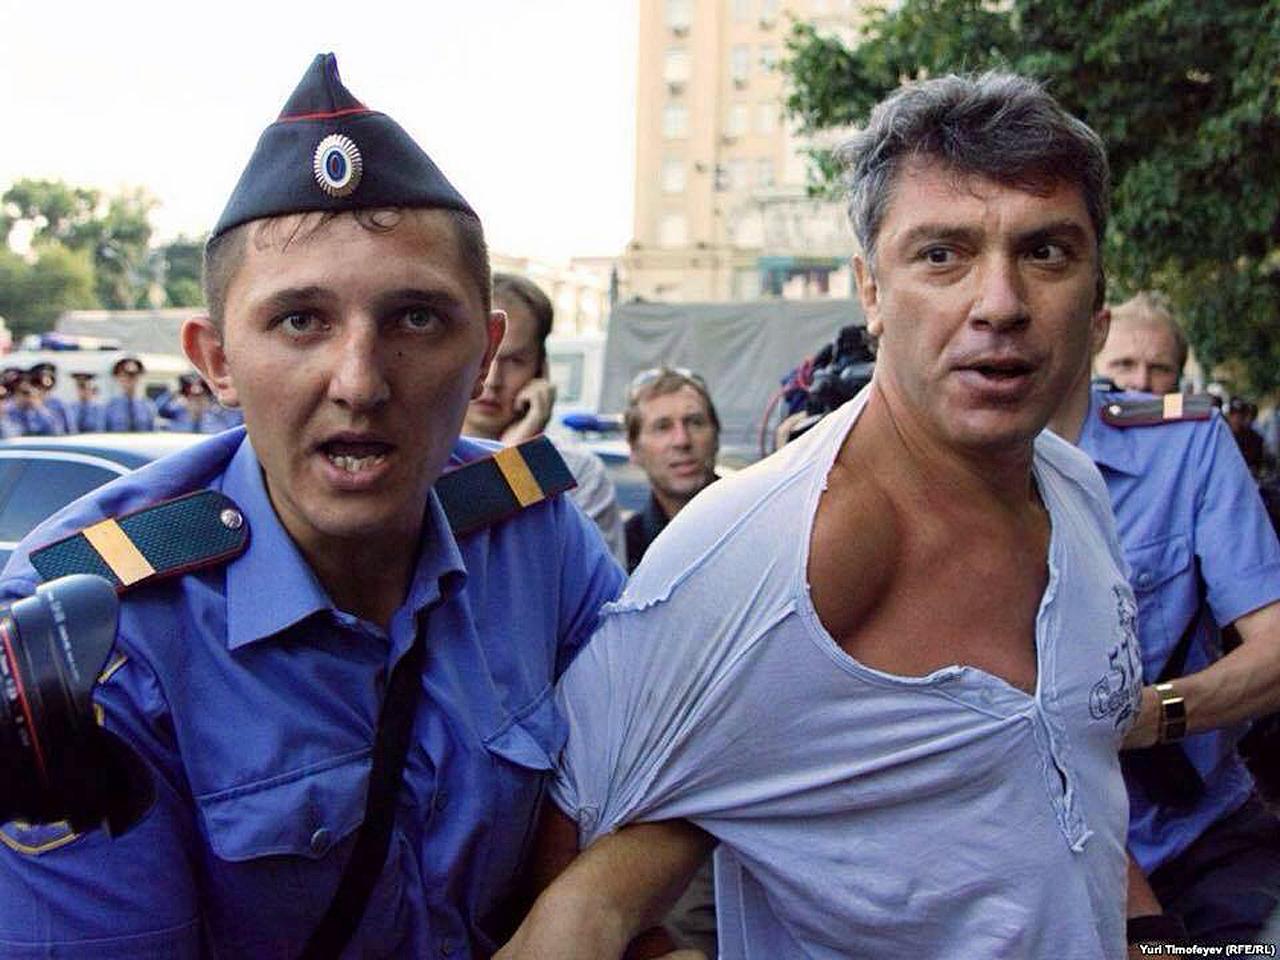 """31 июля 2010 года.Задержание Немцова.""""Стратегия-31"""" в поддержку 31-й статьи Конституции, гарантирующей свободу собраний."""